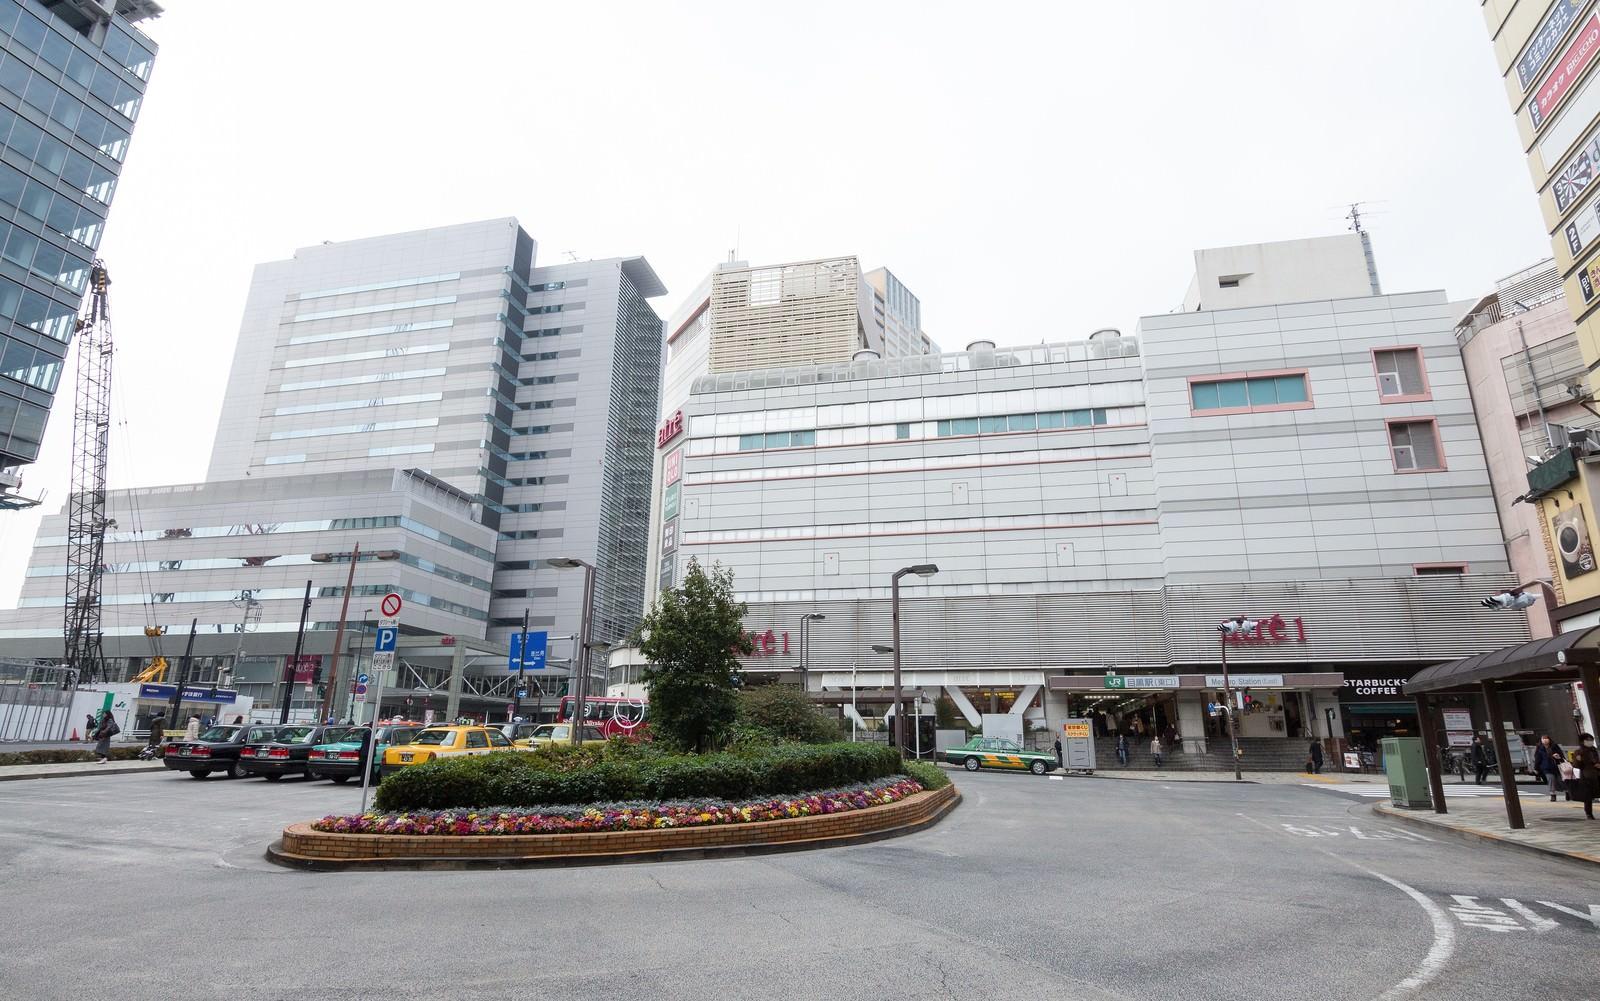 「目黒駅(西口ターミナル前)」の写真